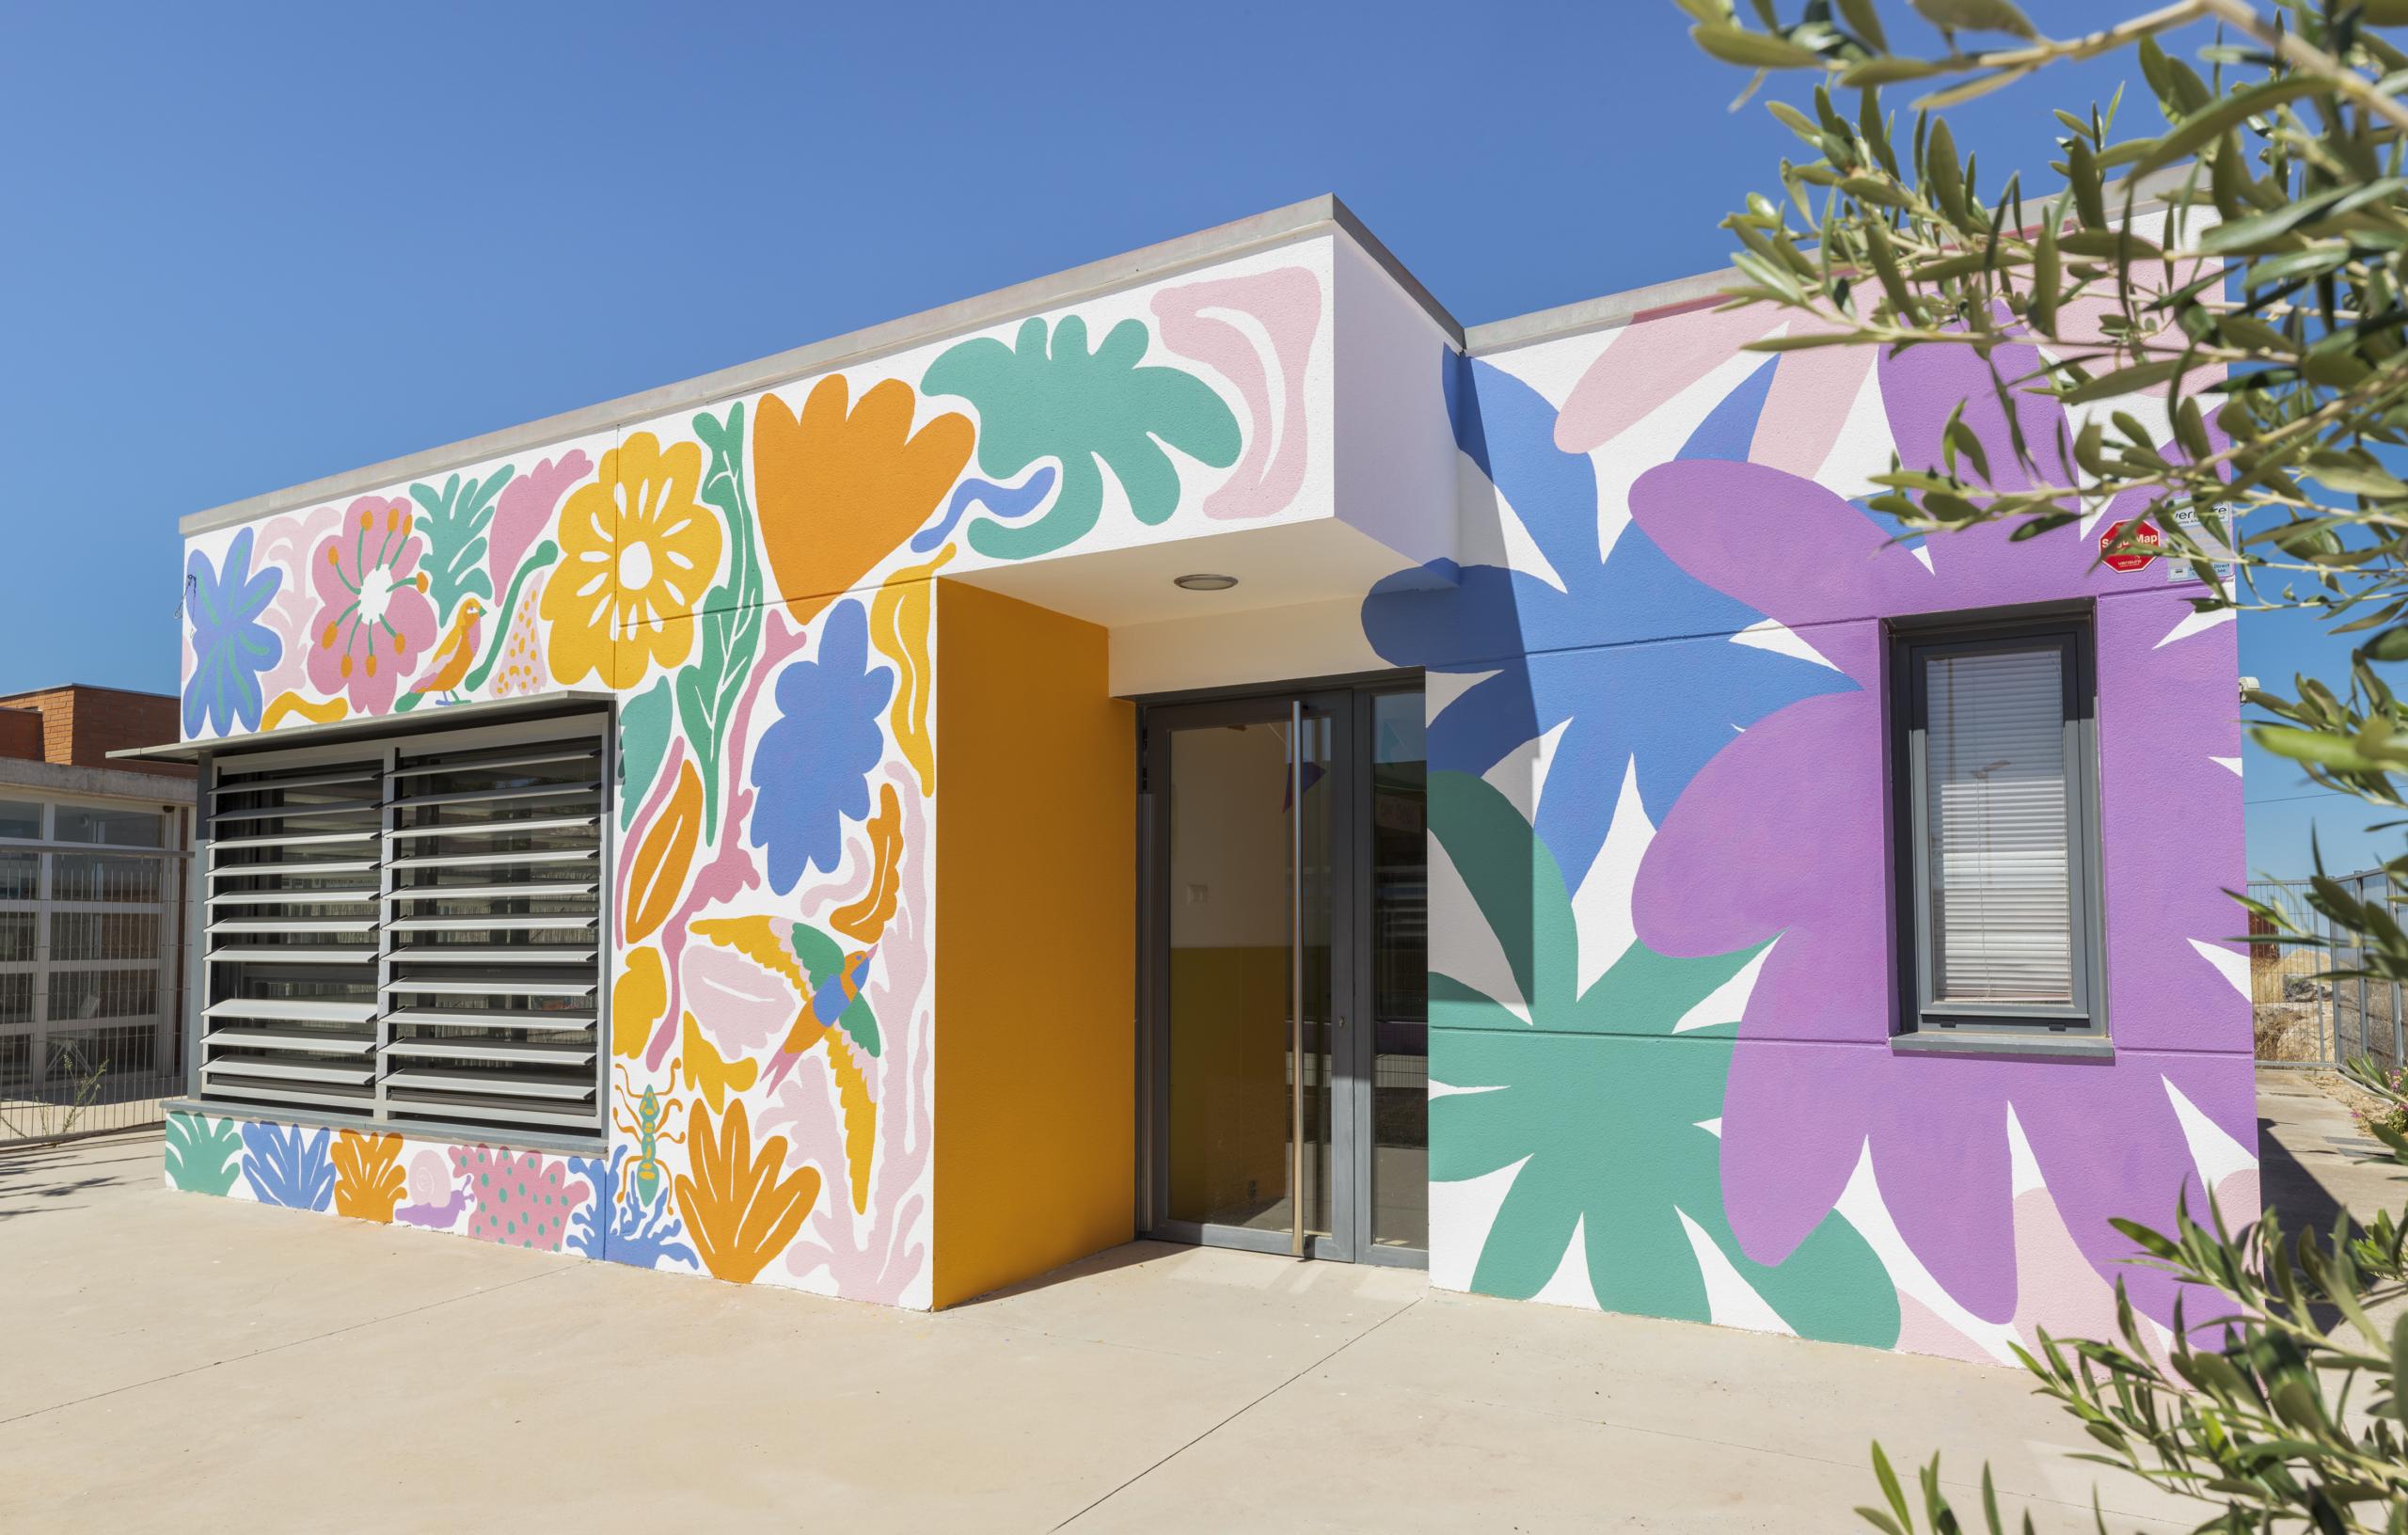 Art, cultura i educació per frenar el despoblament rural a Llardecans. - Ajuntament de Llardecans